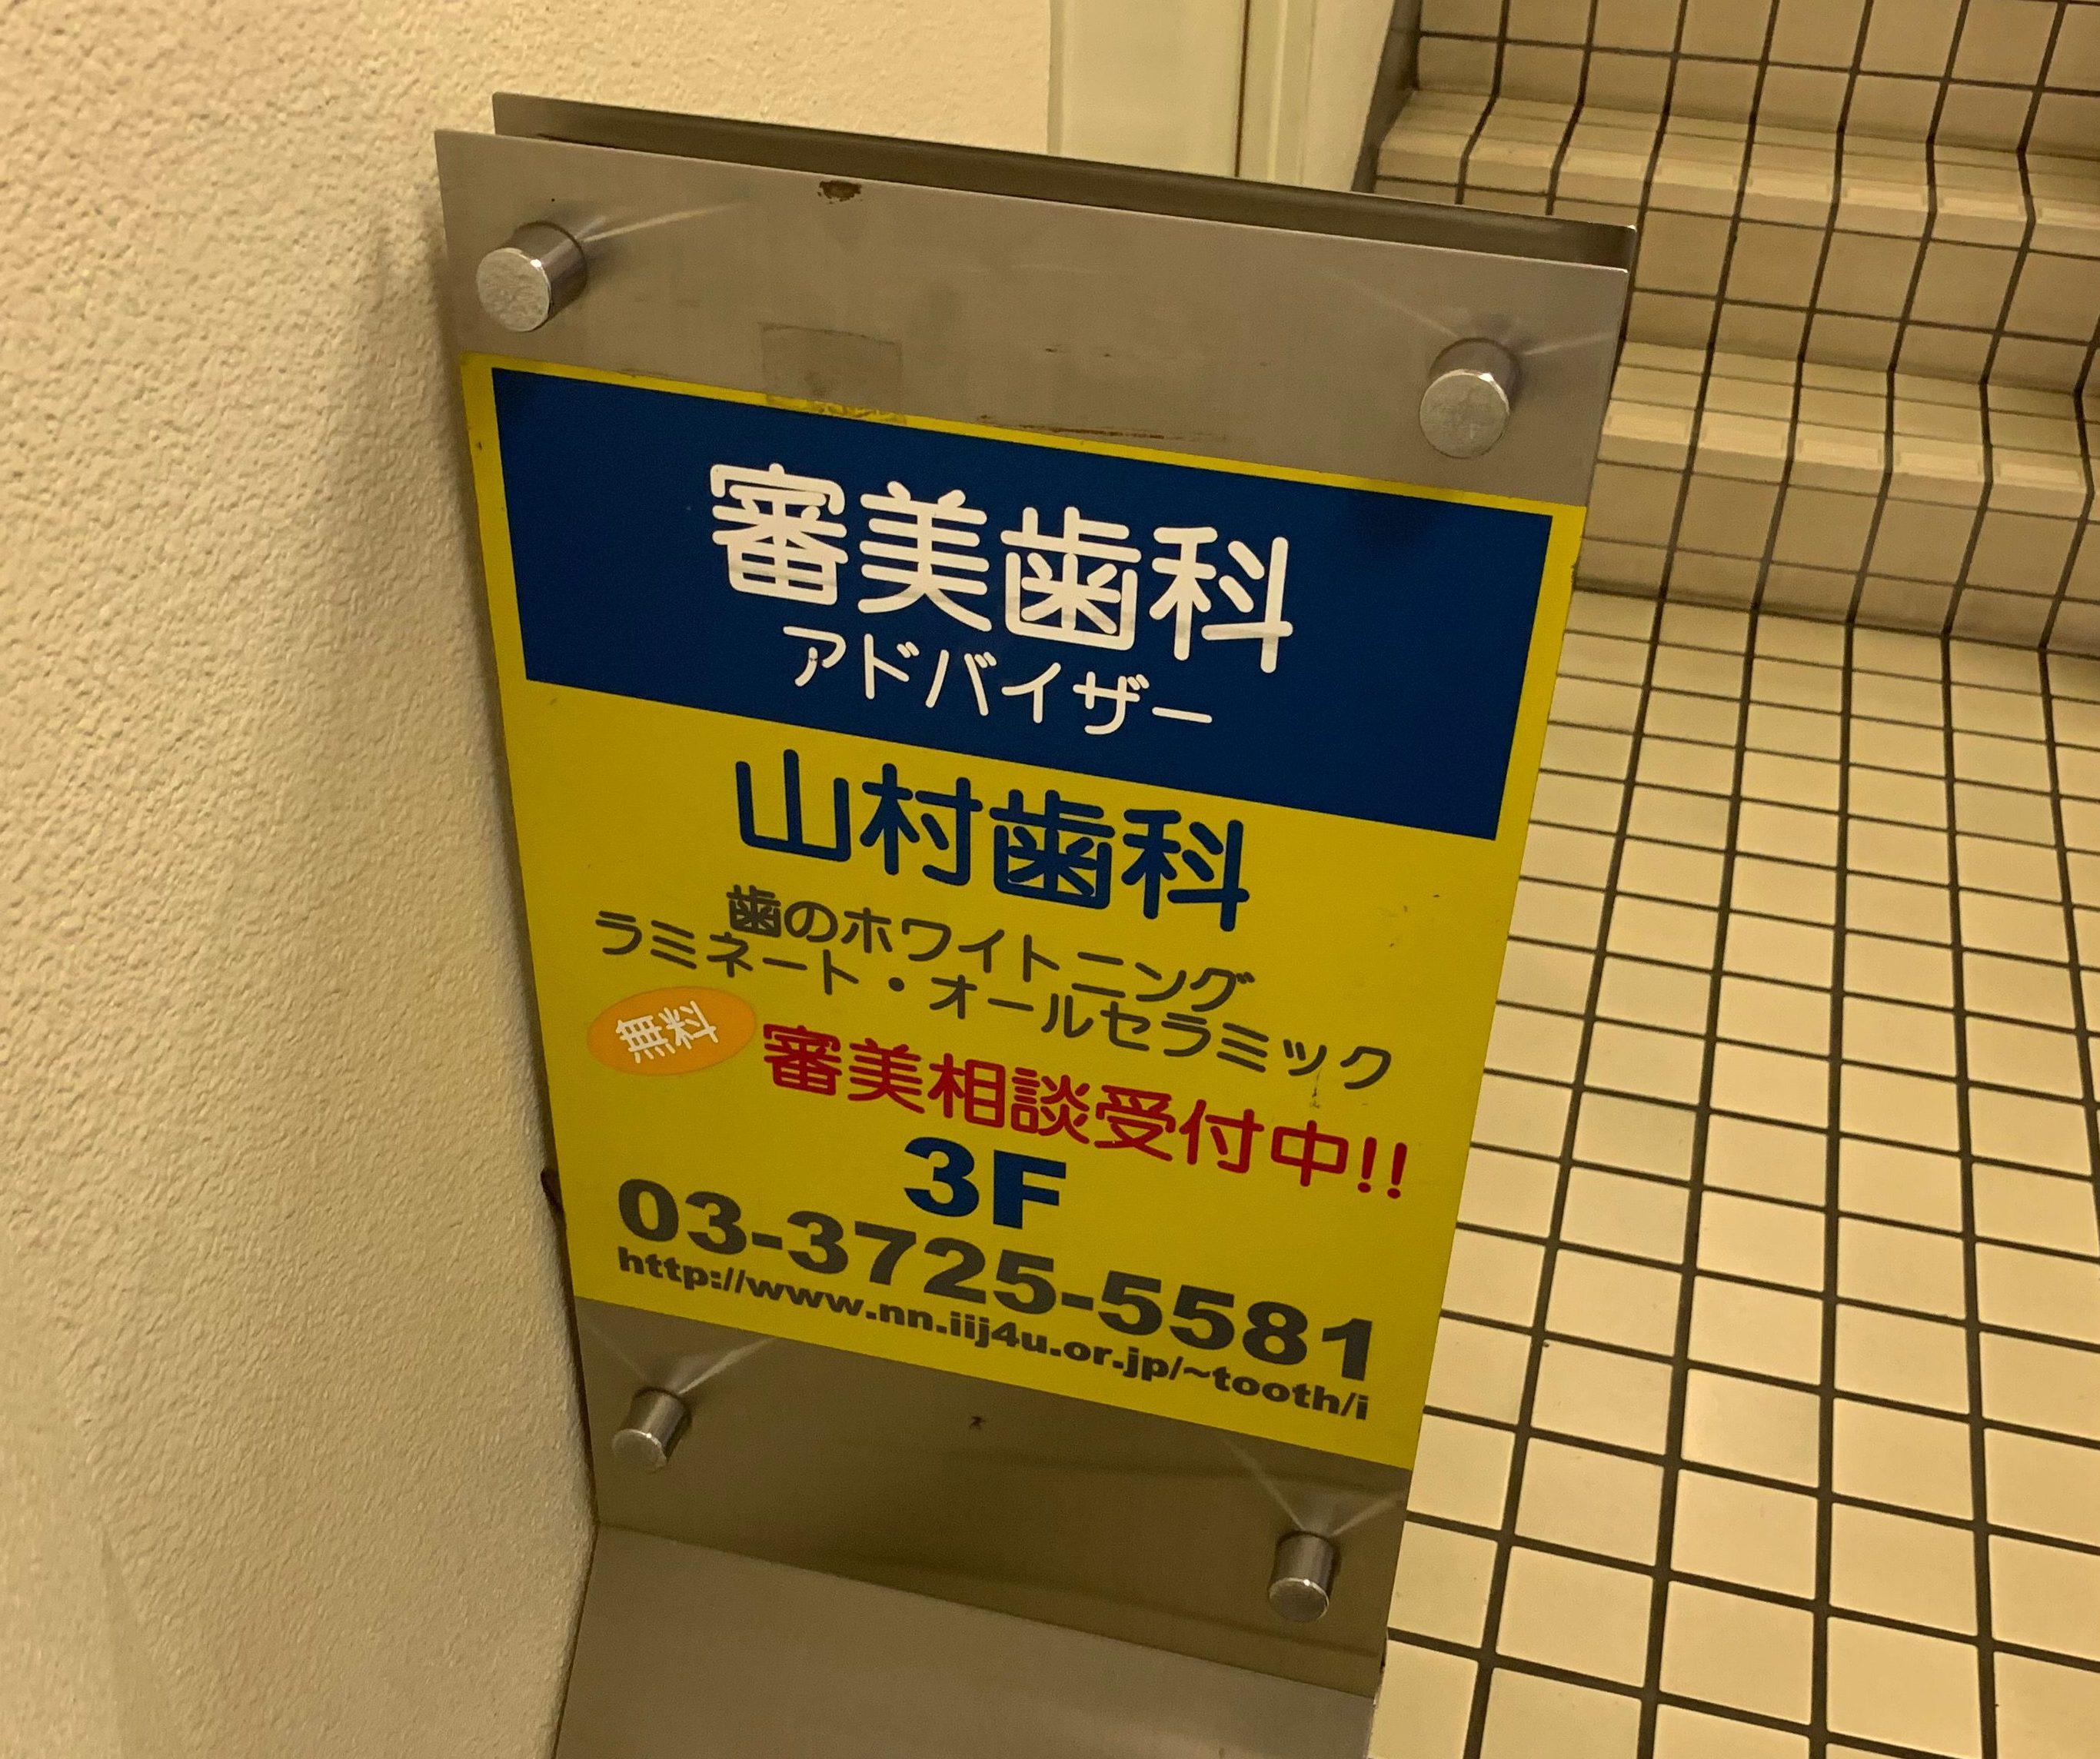 山村歯科医院,審美歯科,矯正歯科,セラミック治療